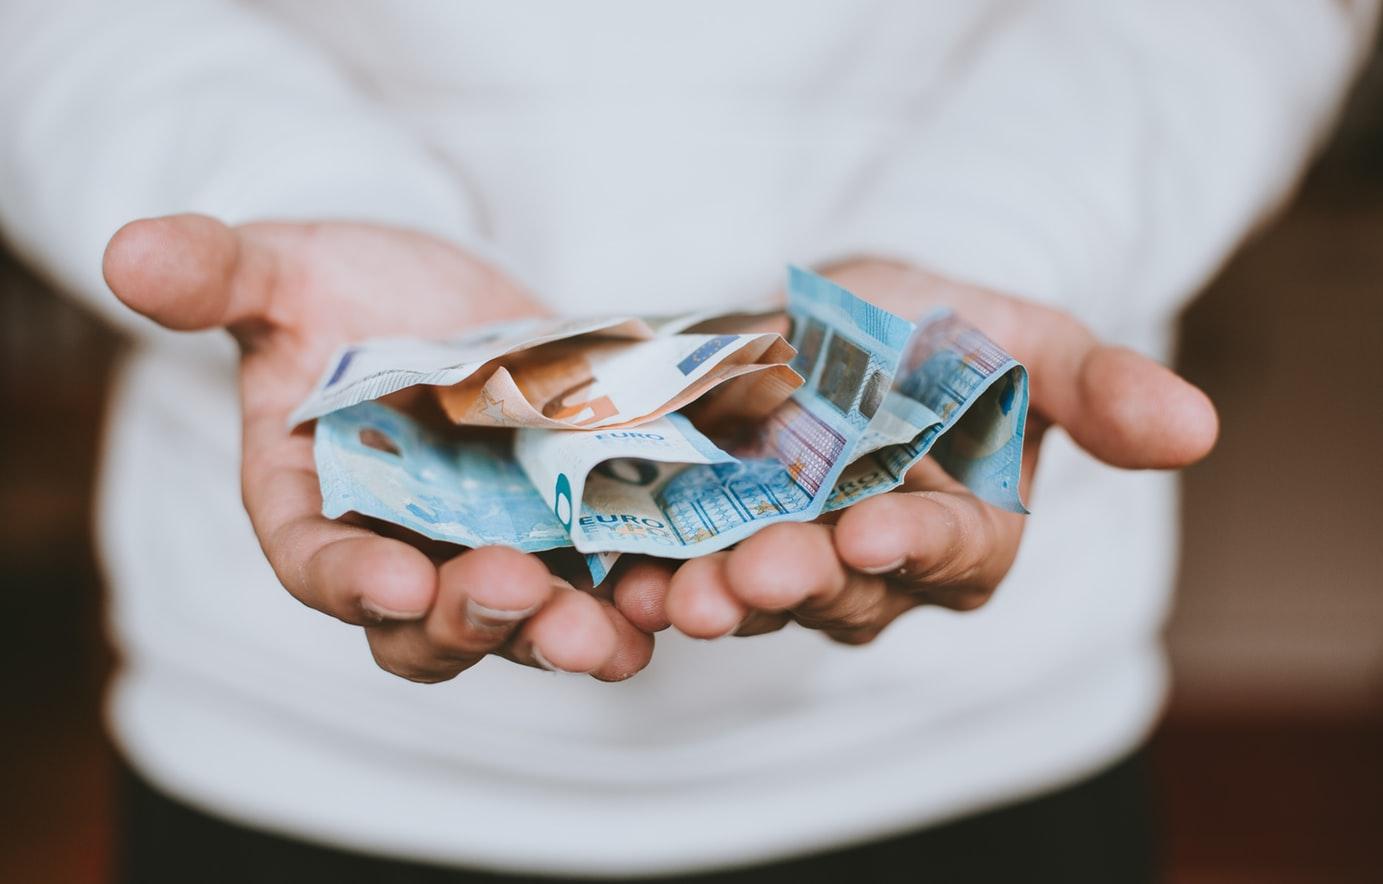 palmi delle mani con delle banconote da 20 e 50 euro